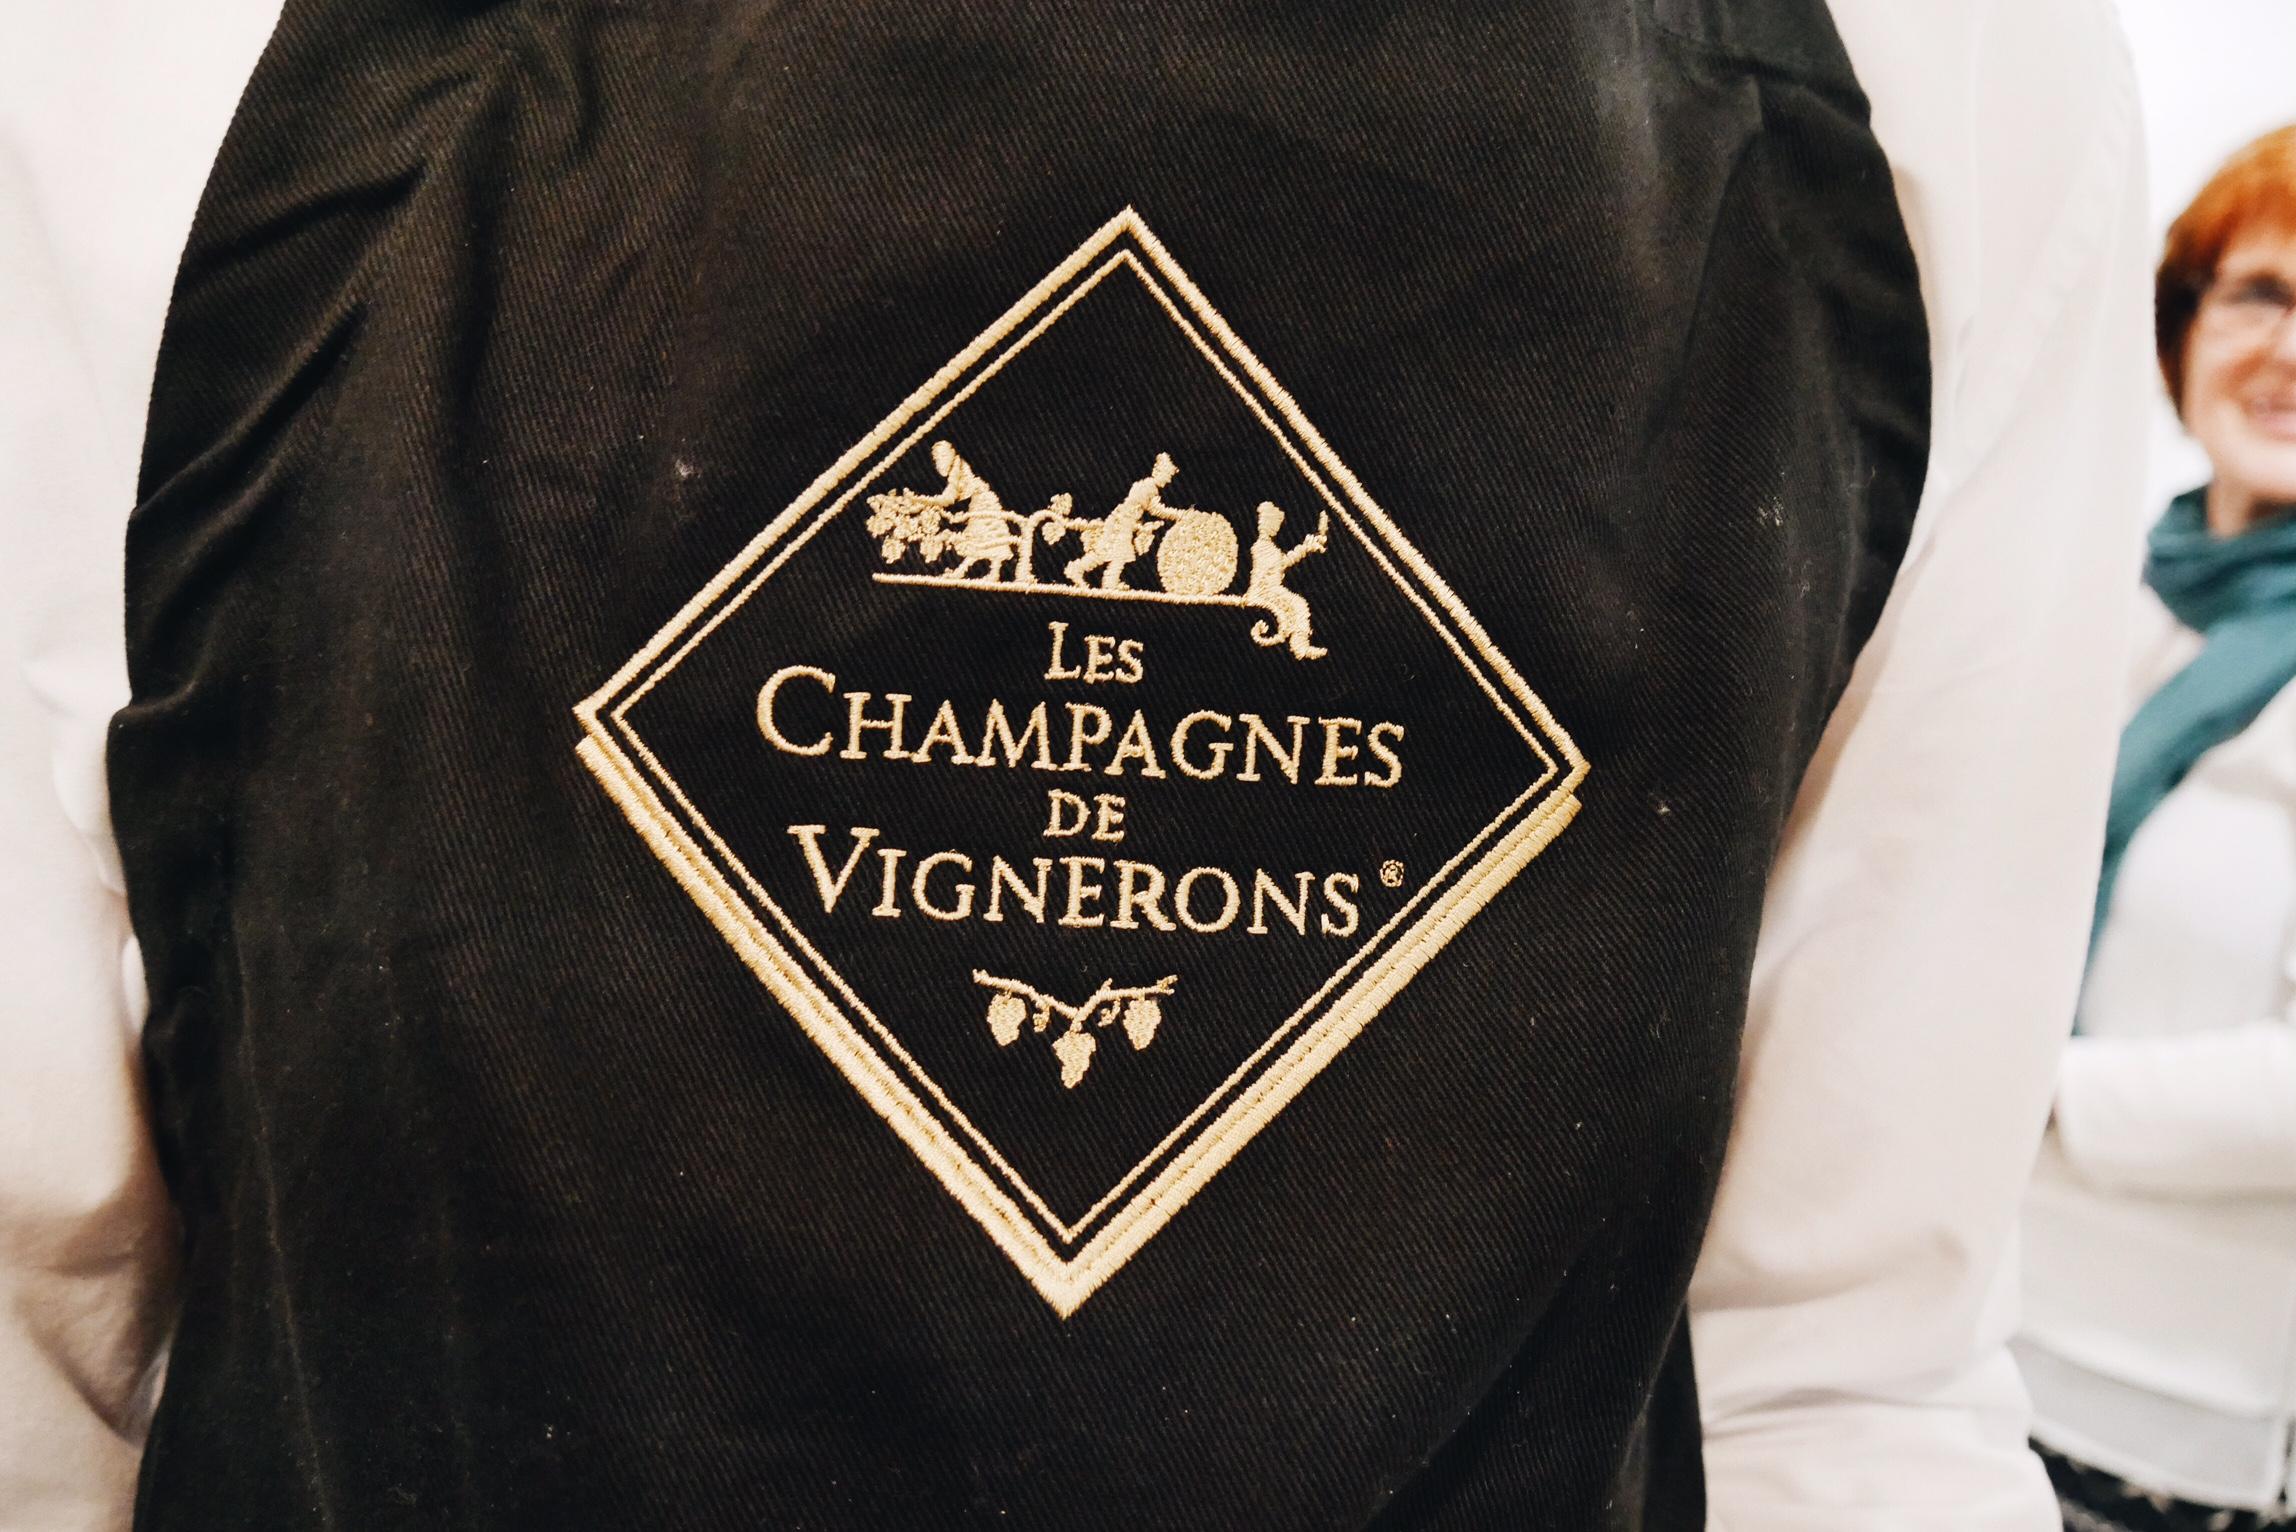 Tablier-les-champagnes-des-vignerons-pop-up-store-boutique-marais-paris-vente-champagne-photo-usofparis-blog